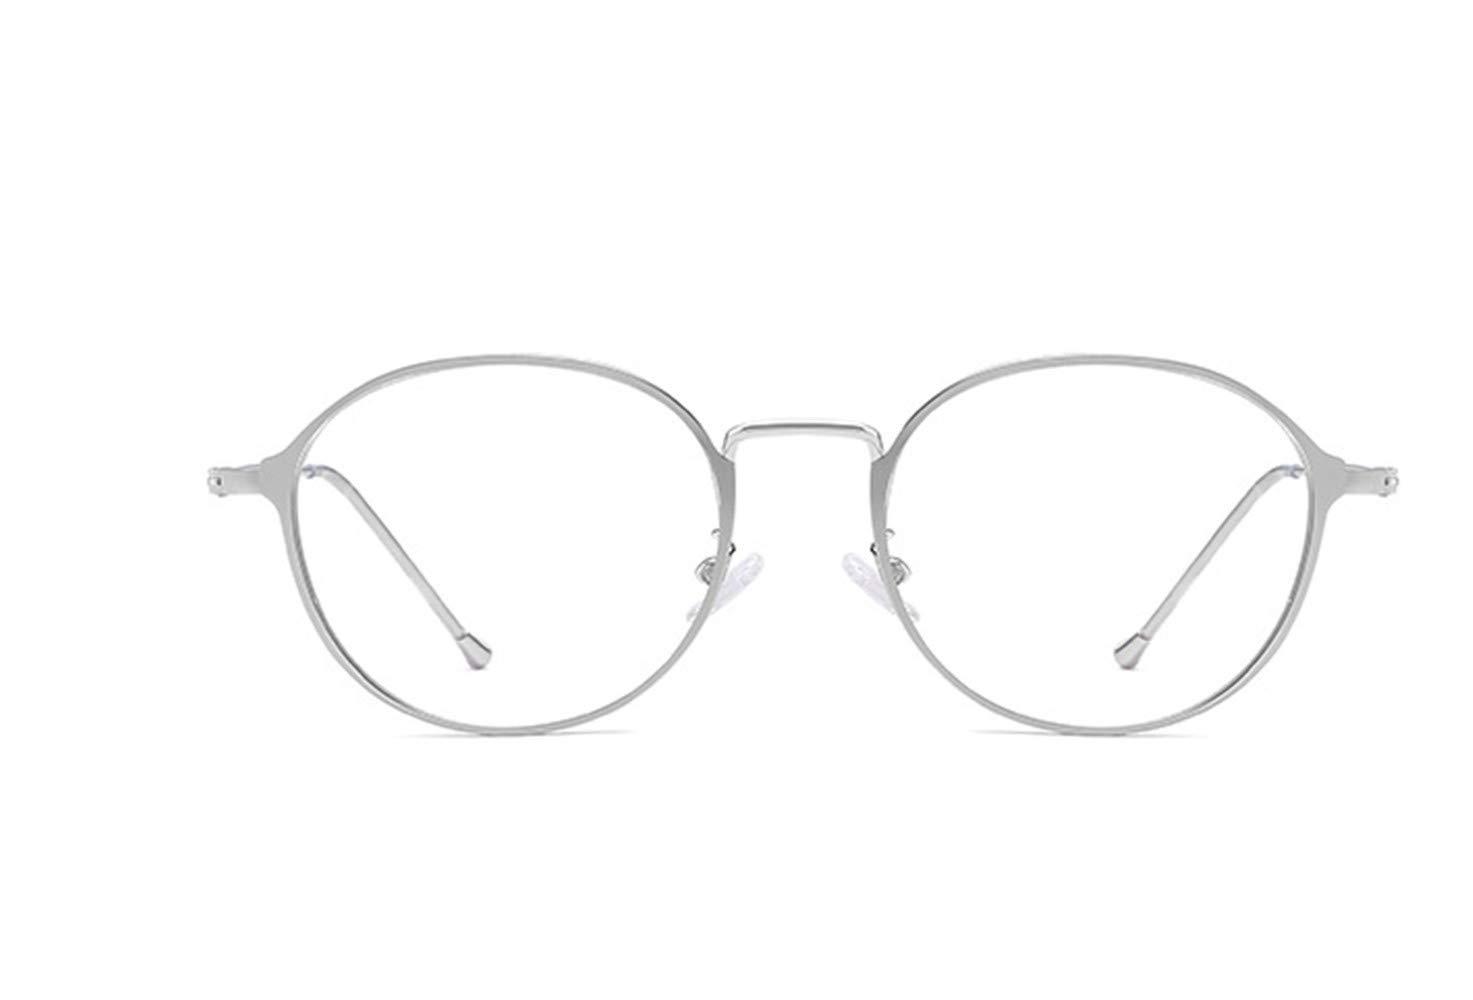 SMX Gafas Neutras para,Eliminan la Fatiga y la Irritación Visual ...